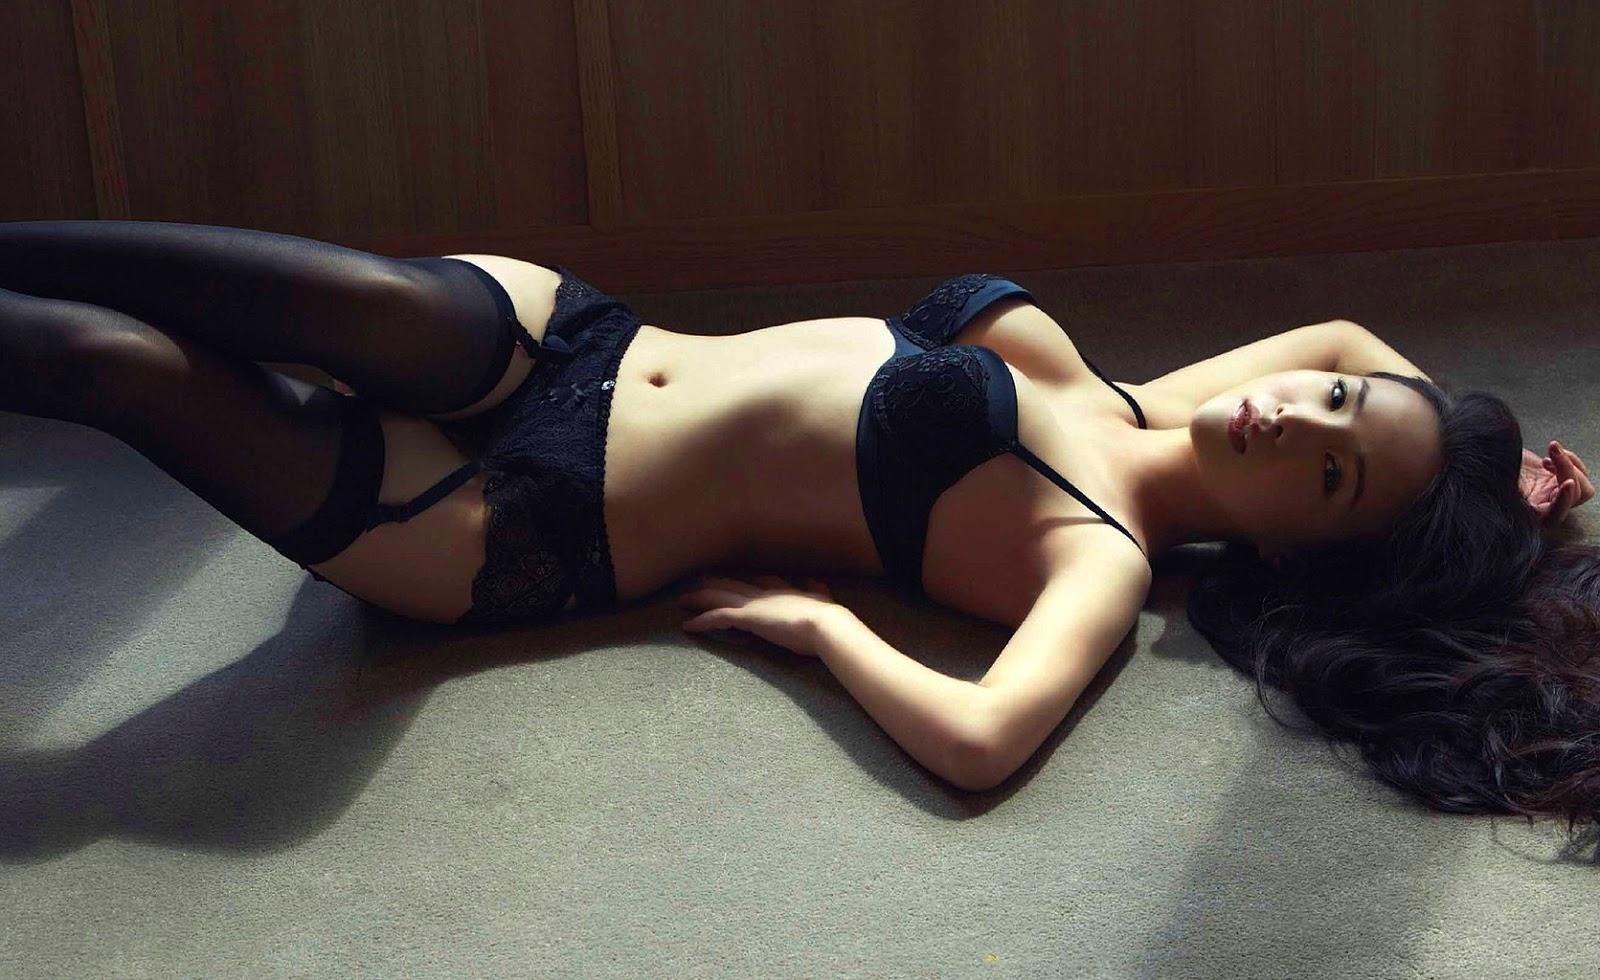 Смотреть секс ролики жительница пекин ган лулу